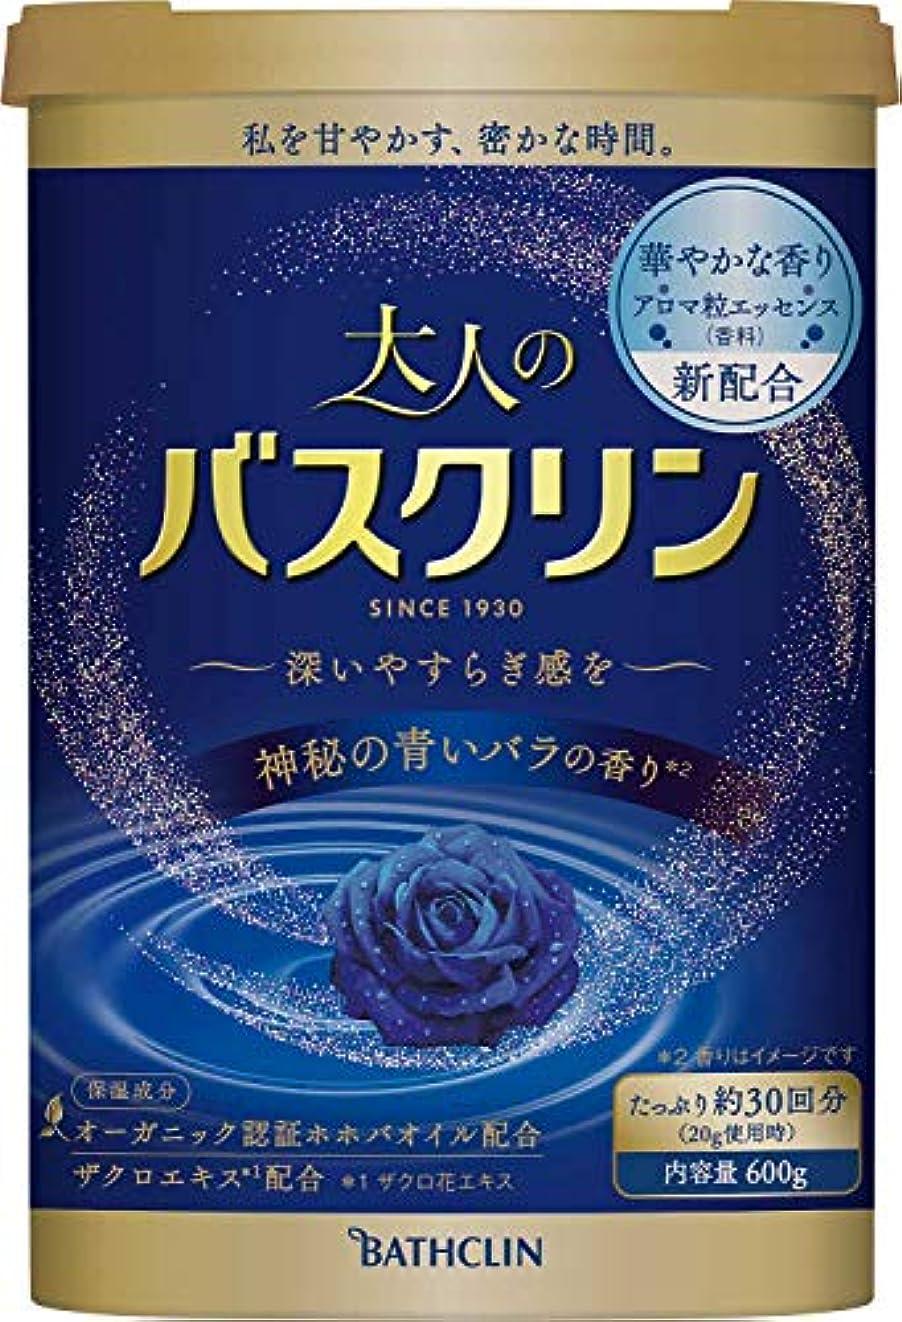 進化する黒セーター大人のバスクリン入浴剤 神秘の青いバラの香り600g(約30回分)